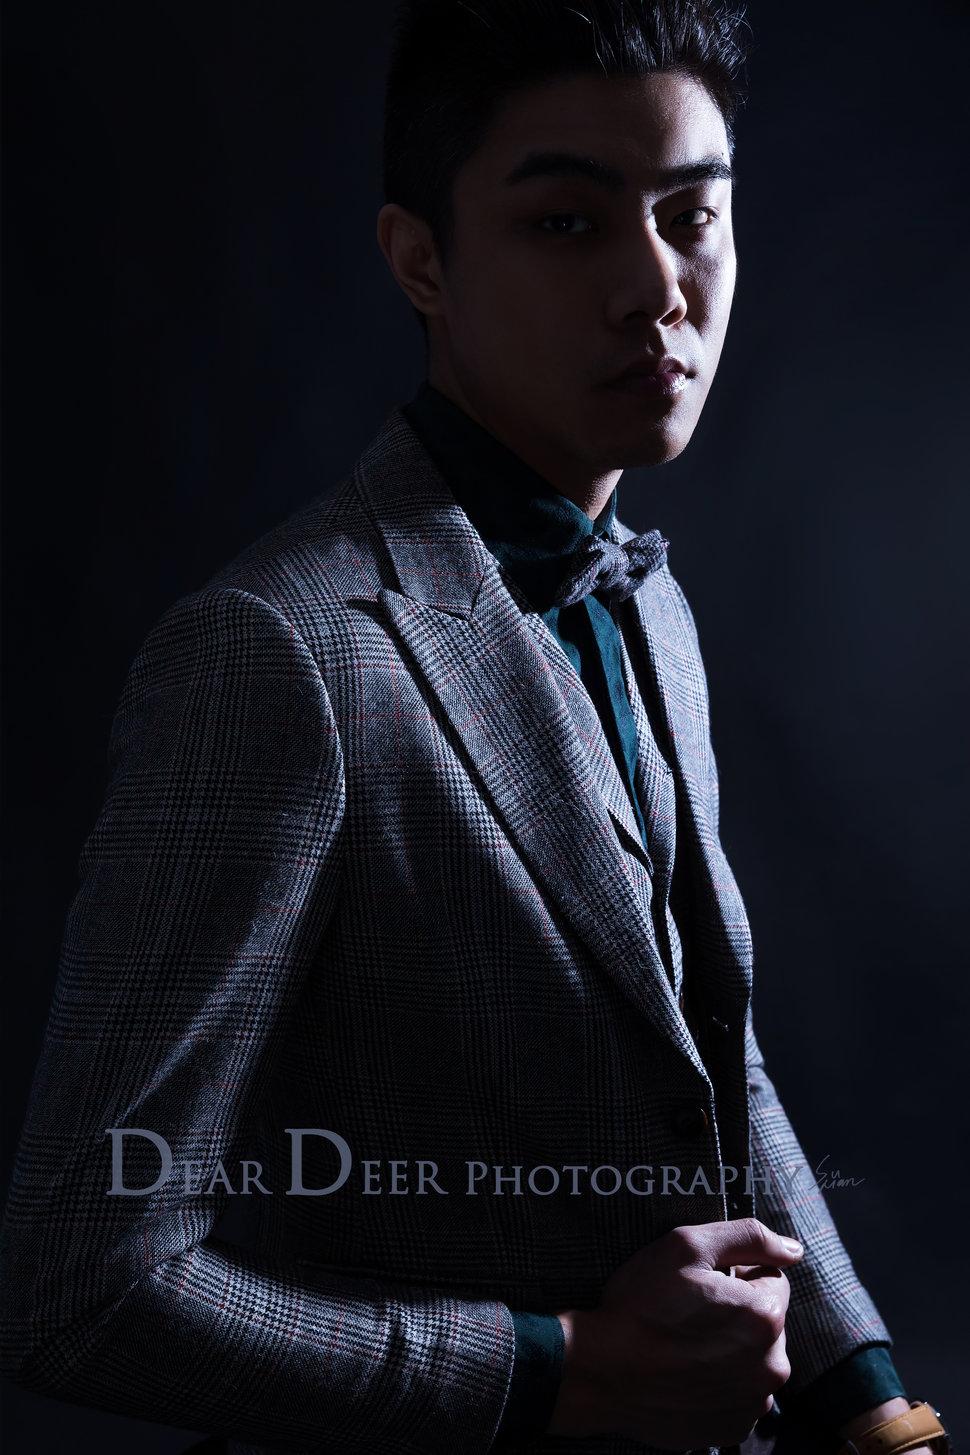 Dear Deer|Vogue時尚雜誌風(編號:1280461) - Dear Deer鹿兒攝影|女攝影師蘇蔓《結婚吧》